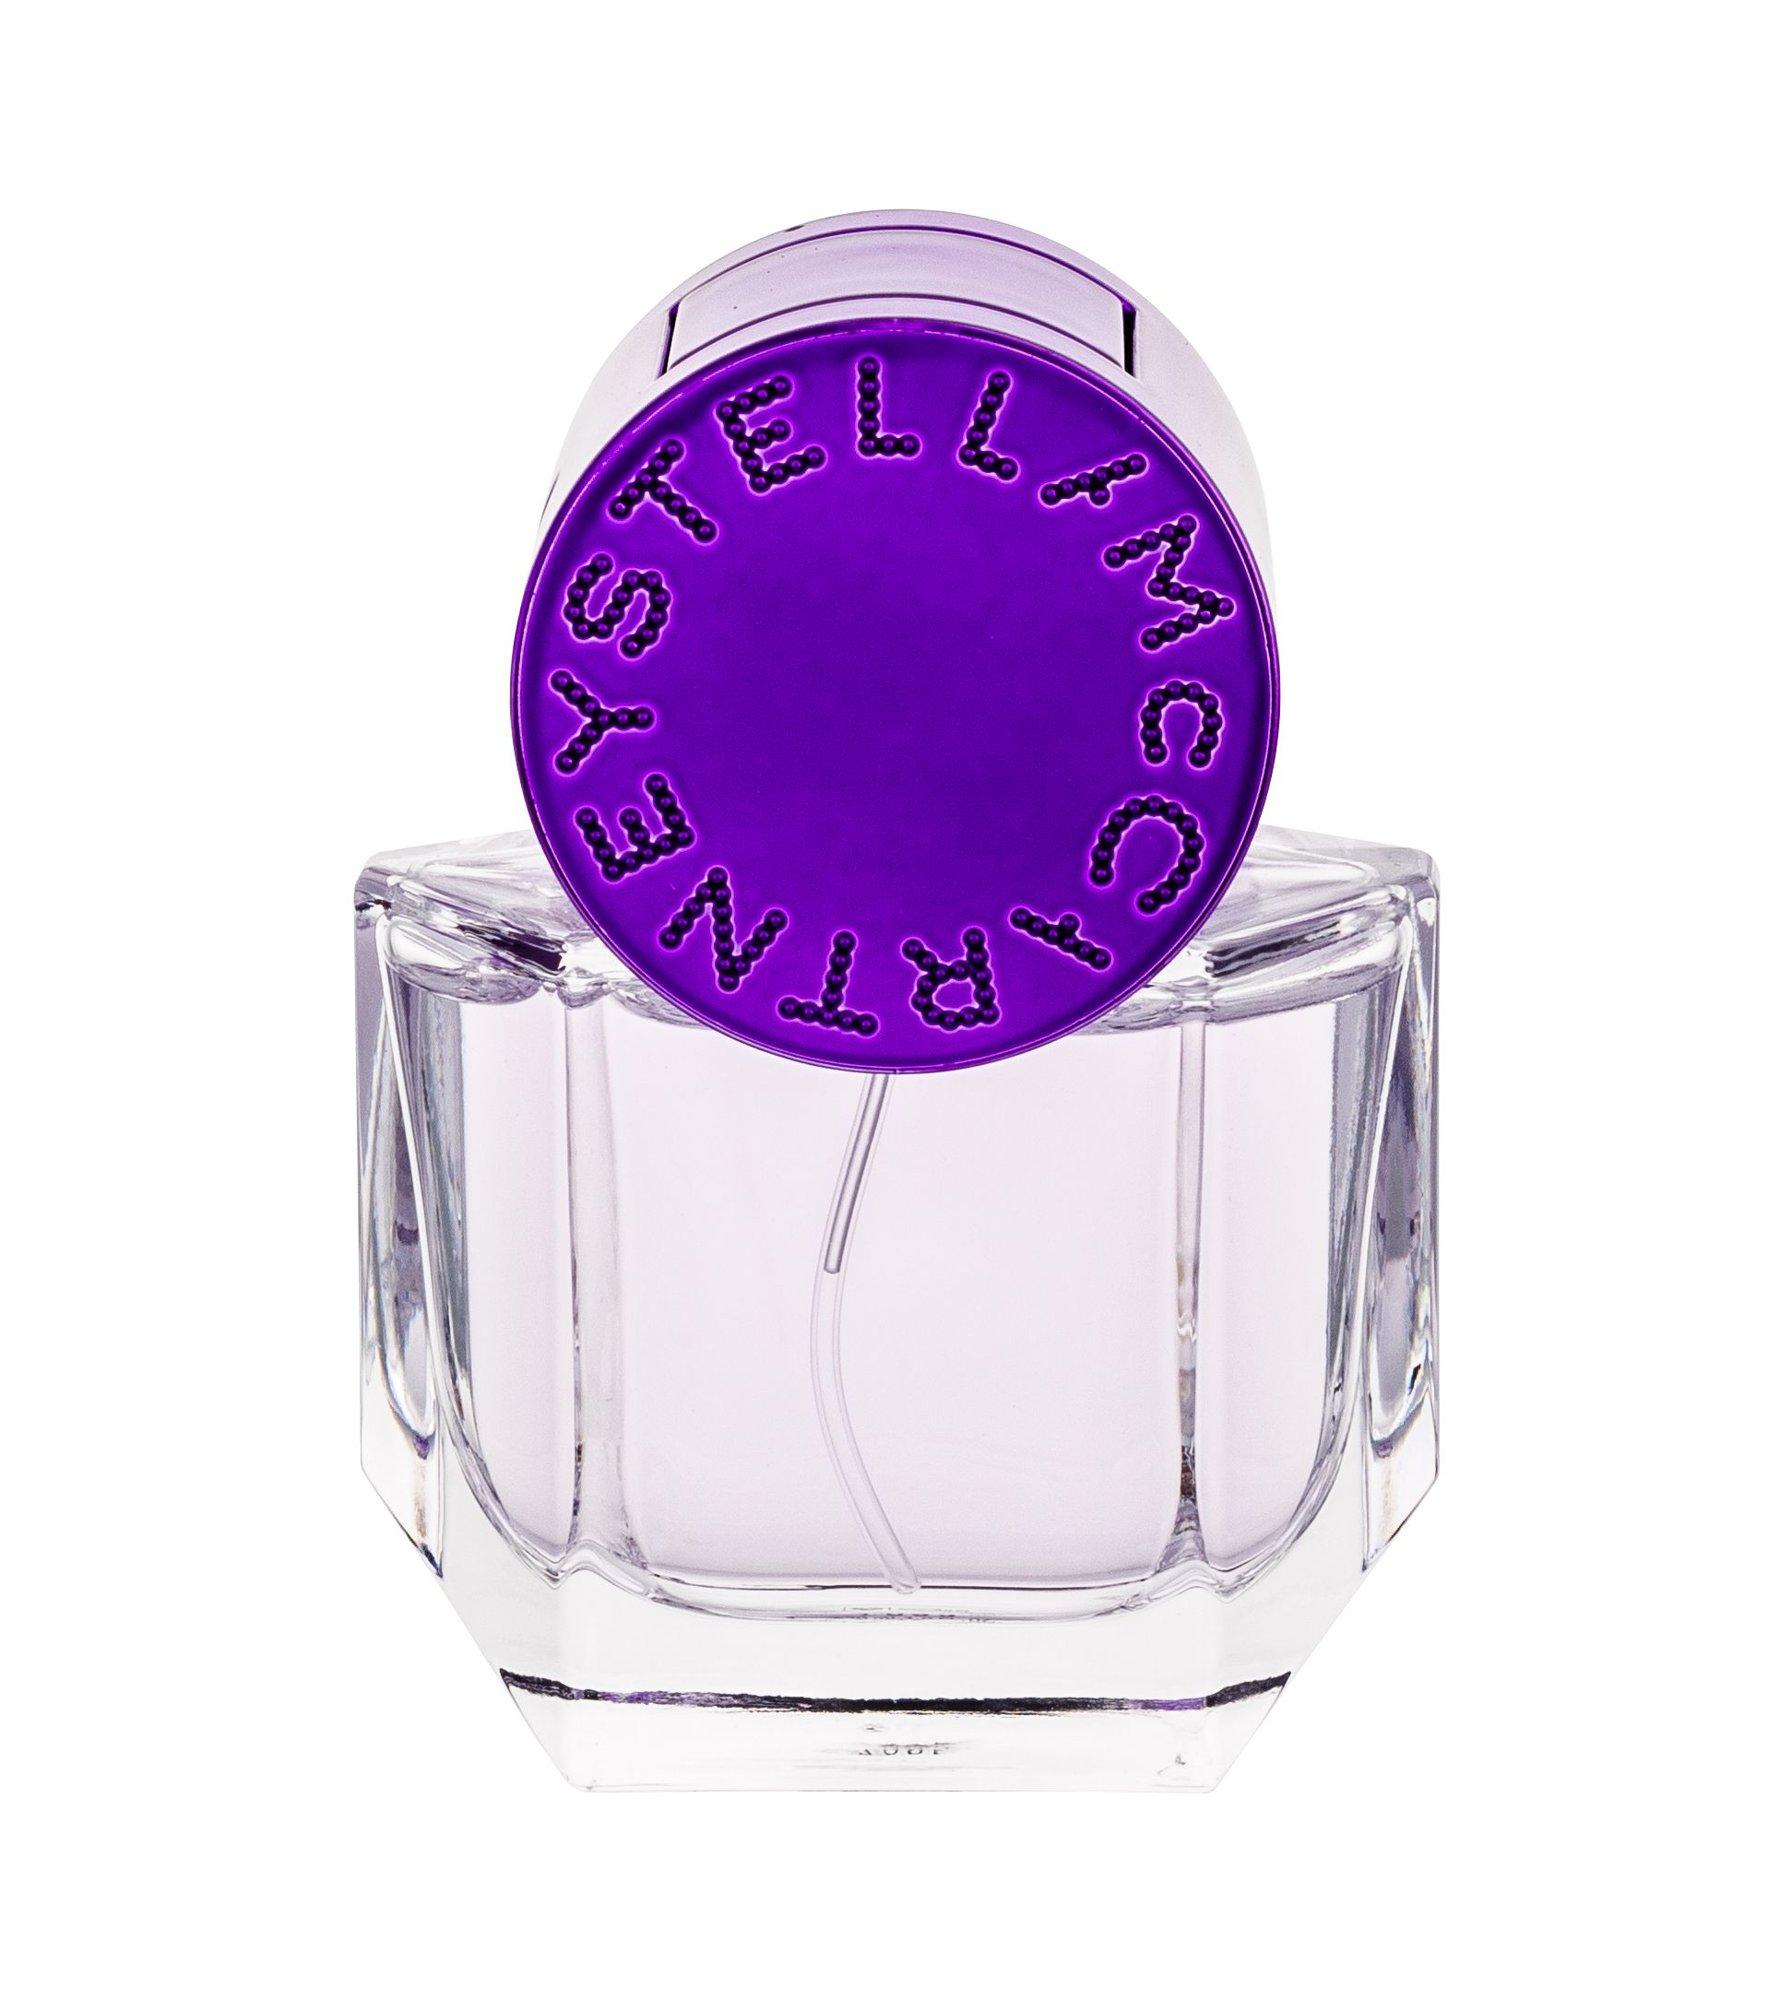 Stella McCartney Pop Bluebell Eau de Parfum 30ml